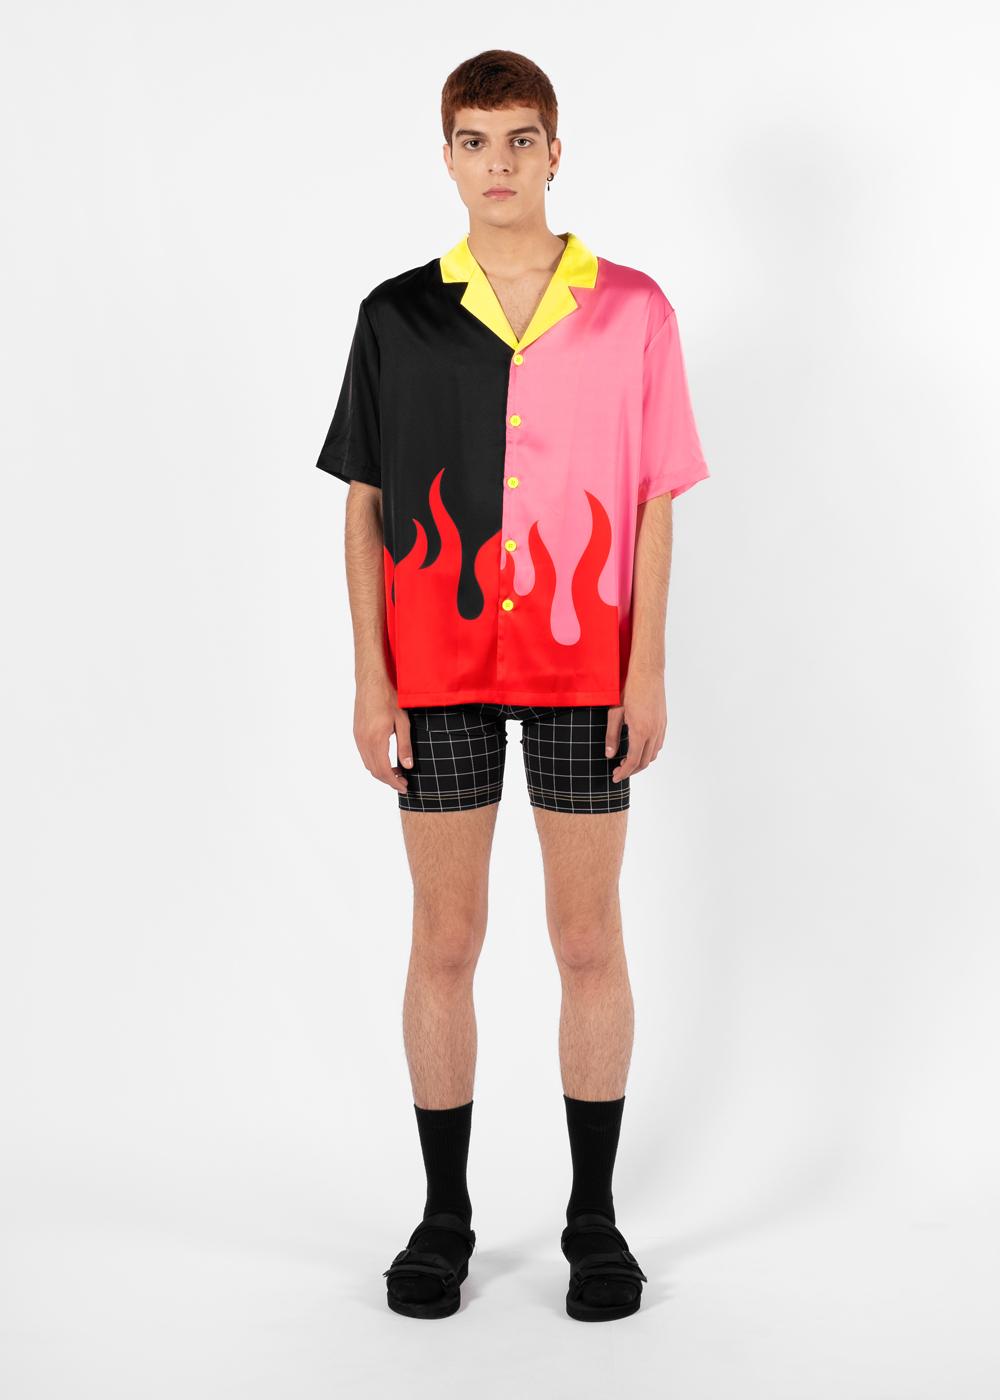 FlameShirtM4